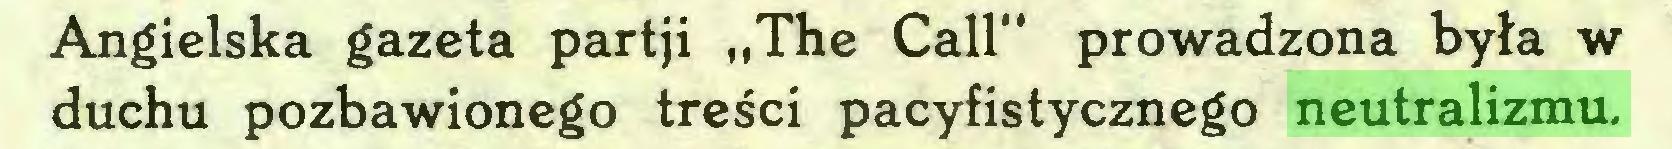 """(...) Angielska gazeta partji """"The Call"""" prowadzona była w duchu pozbawionego treści pacyfistycznego neutralizmu..."""